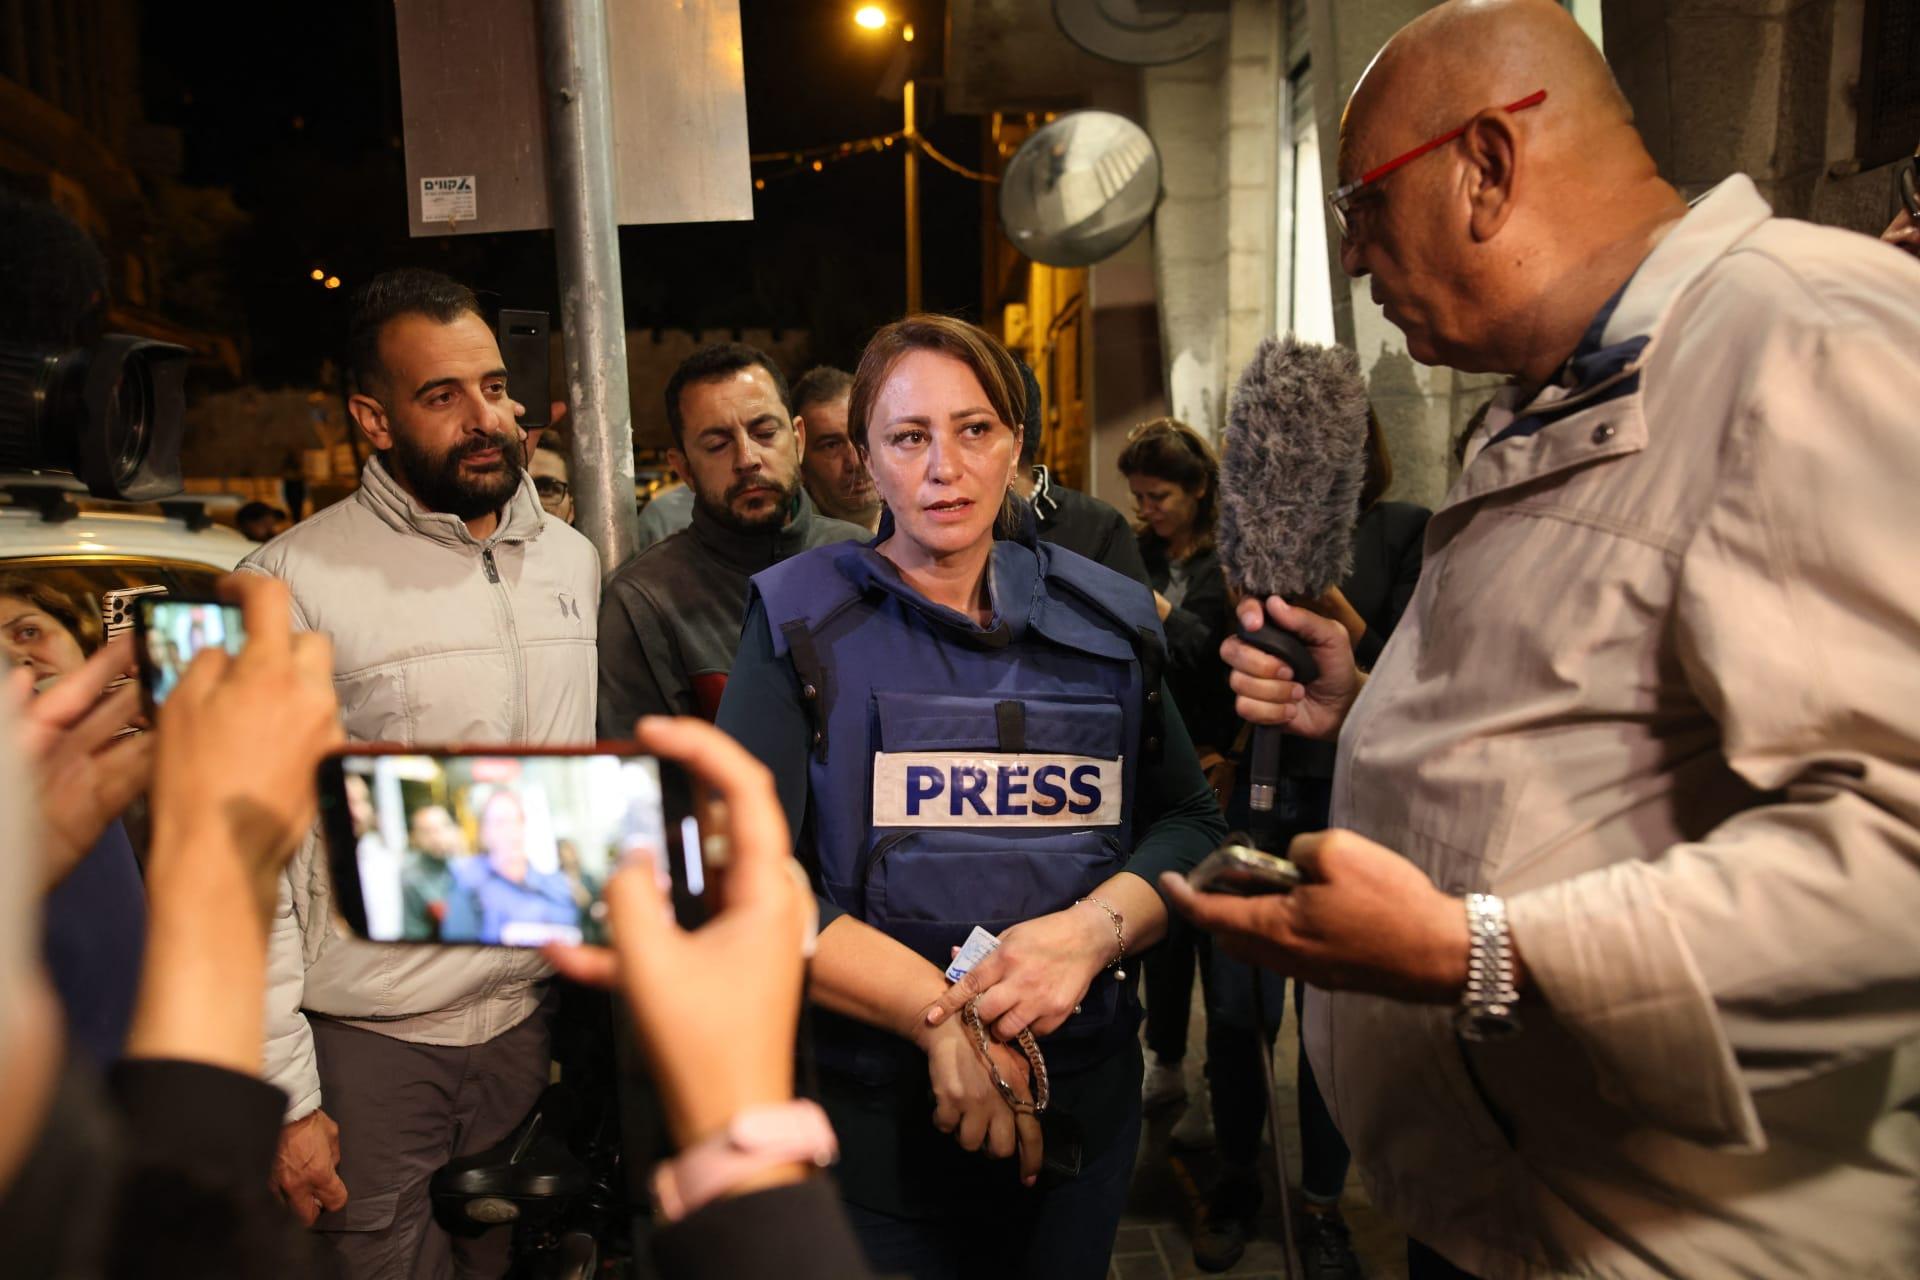 عمرو أديب يُعلق على اعتقال مراسلة الجزيرة جيفارا البديري: ناس ما عندهاش أخلاق ولا إحساس